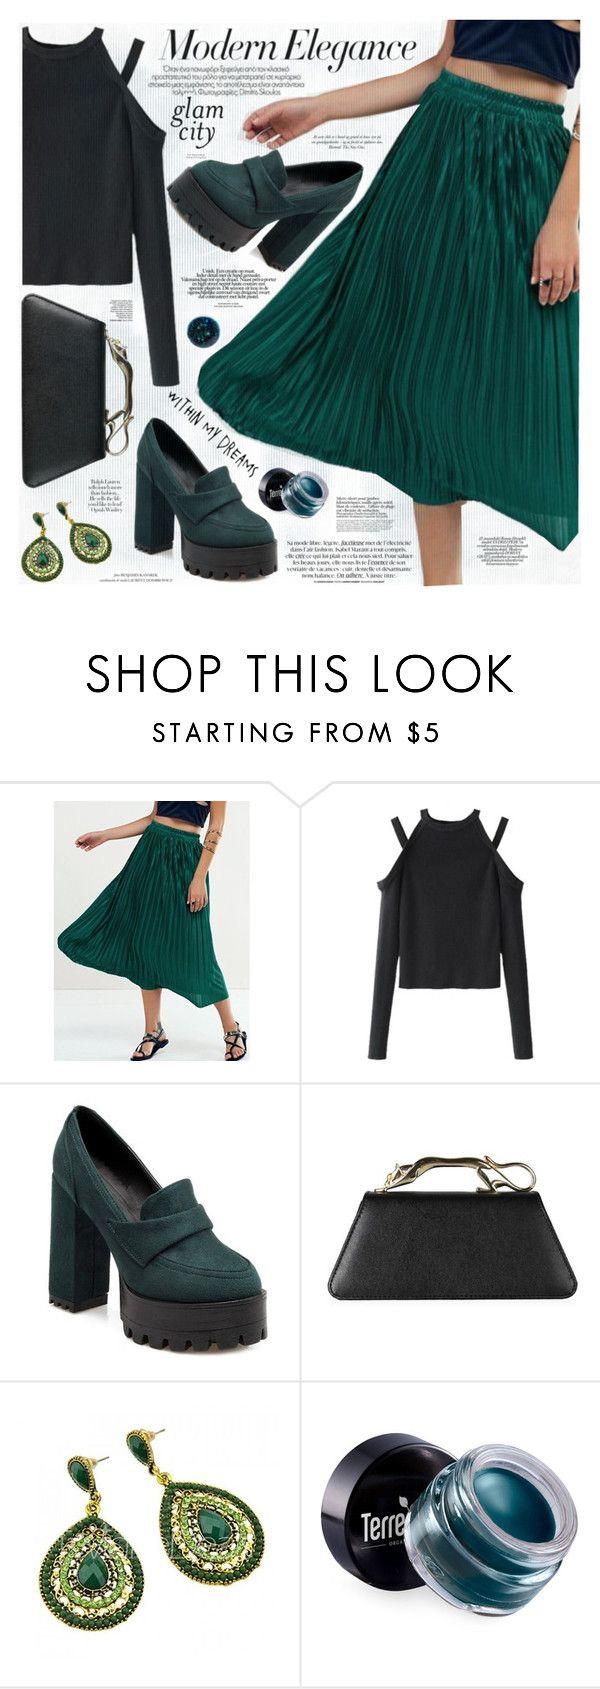 """""""Brief Pleated Midi Skirt"""" by katjuncica ❤ liked on Polyvore featuring Terre Mère, Louis Vuitton, Deborah Lippmann, GREEN, Elegant, pleatedskirt, midiskirt and greenshoes"""